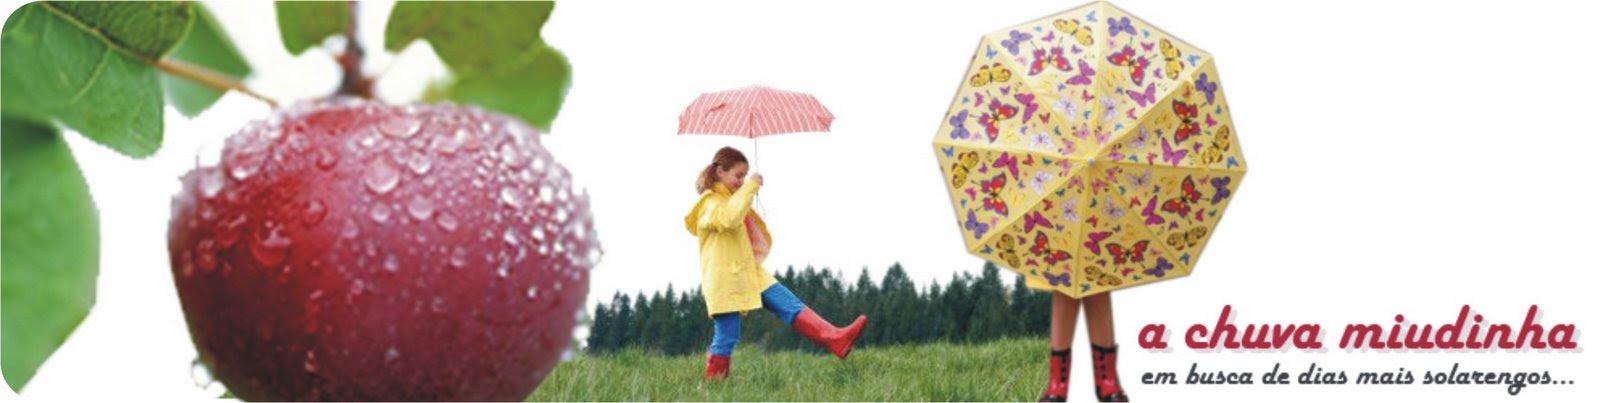 a chuva miudinha